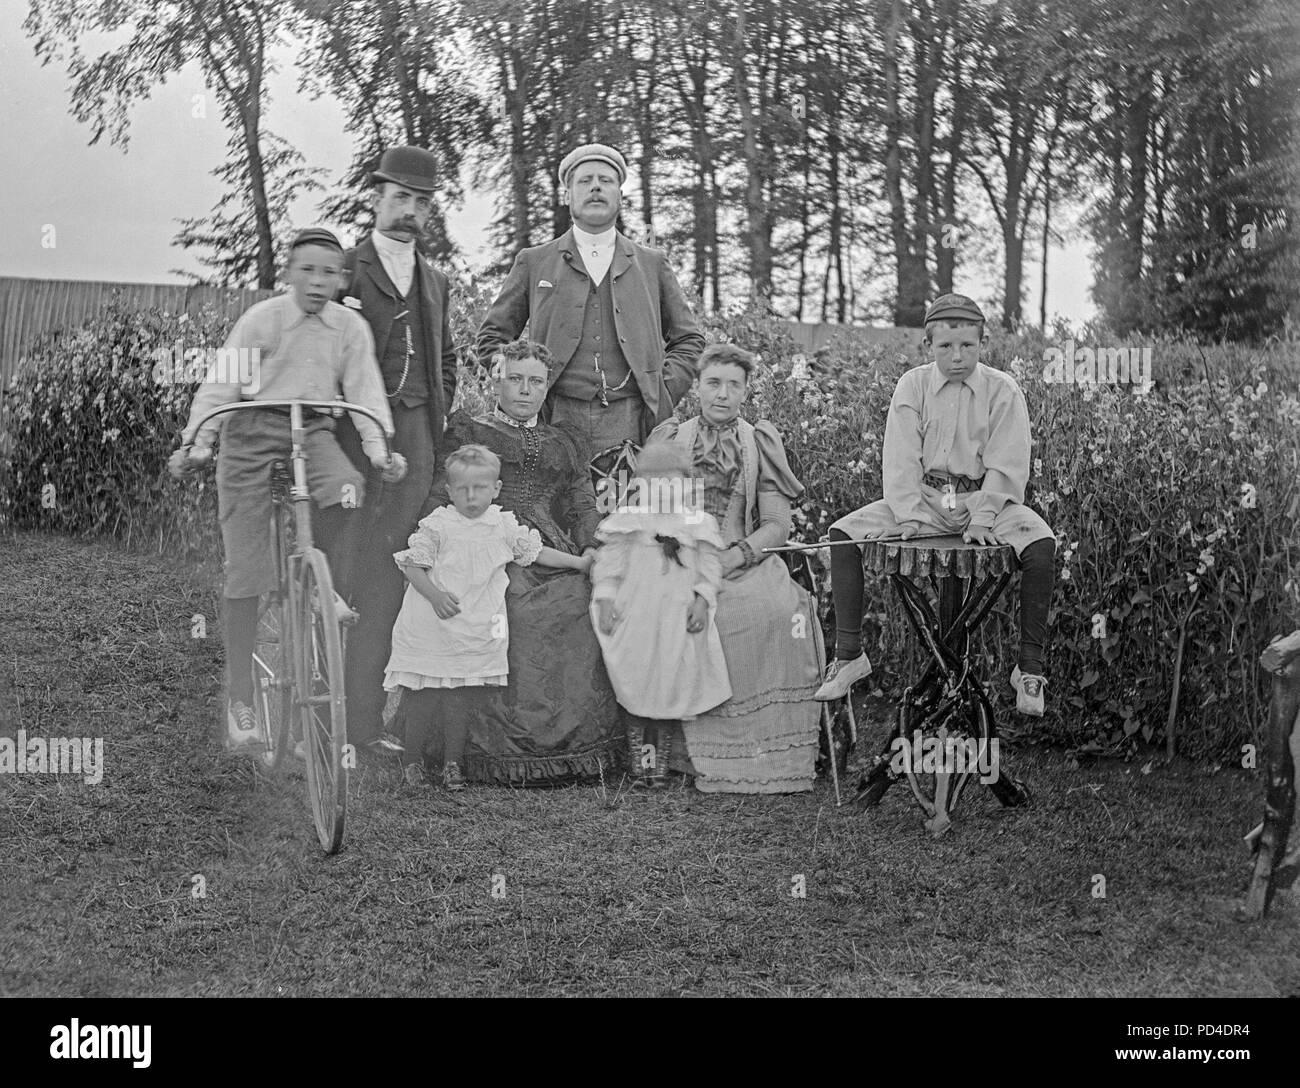 Alate Victorian Foto von einer Familie für die Kamera posieren, irgendwo in England. Es gibt zwei Männer und ihre Frauen, zwei junge Kinder, und zwei Jungen. Einer der Jungen sitzt auf einem Fahrrad von der Zeit. Stockbild